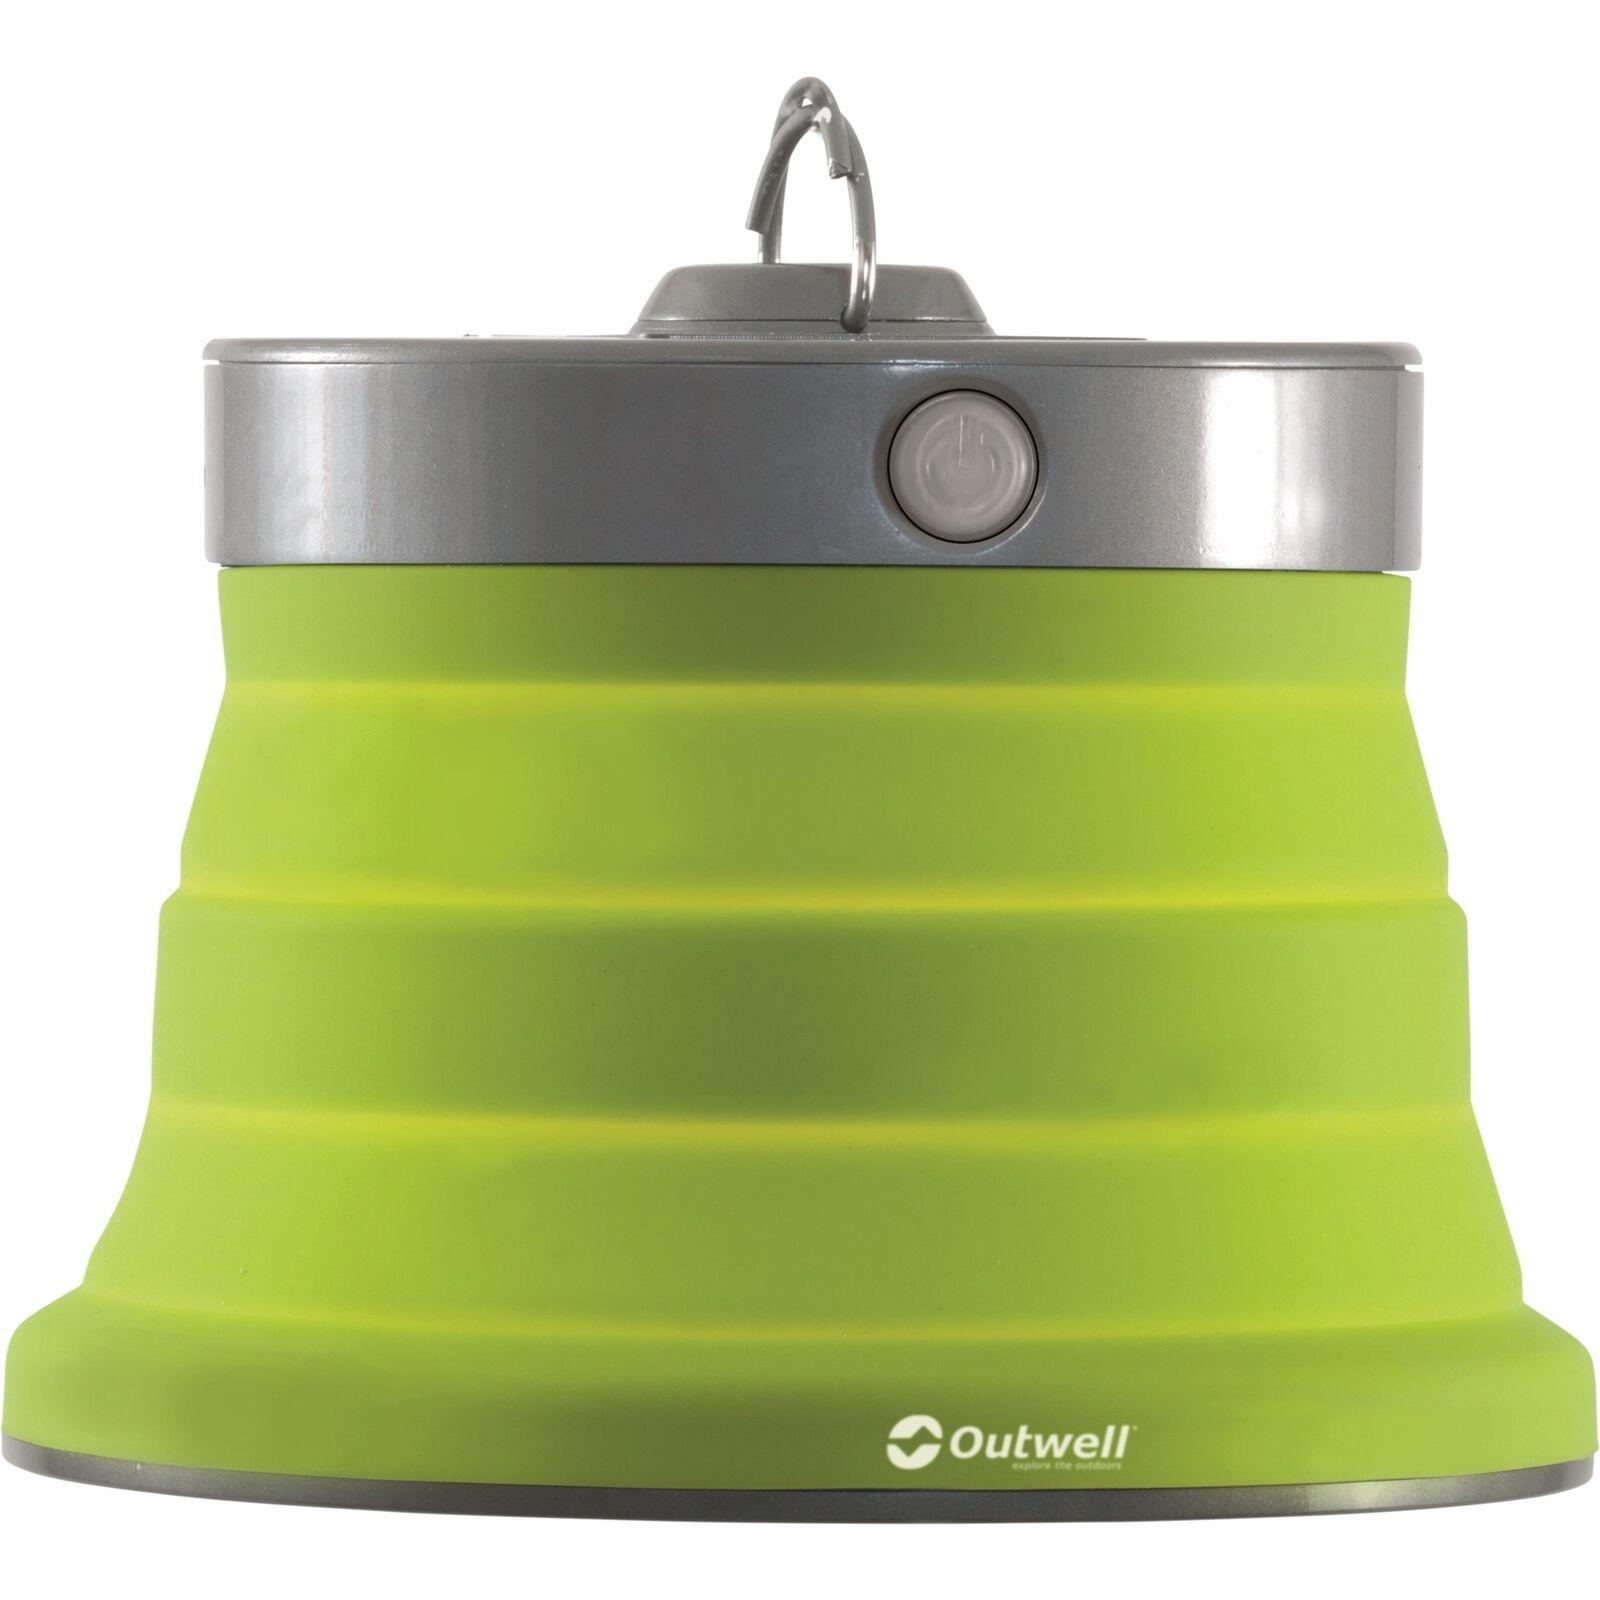 Outwell Polaris Lime Grün, LED-Lampe, grün